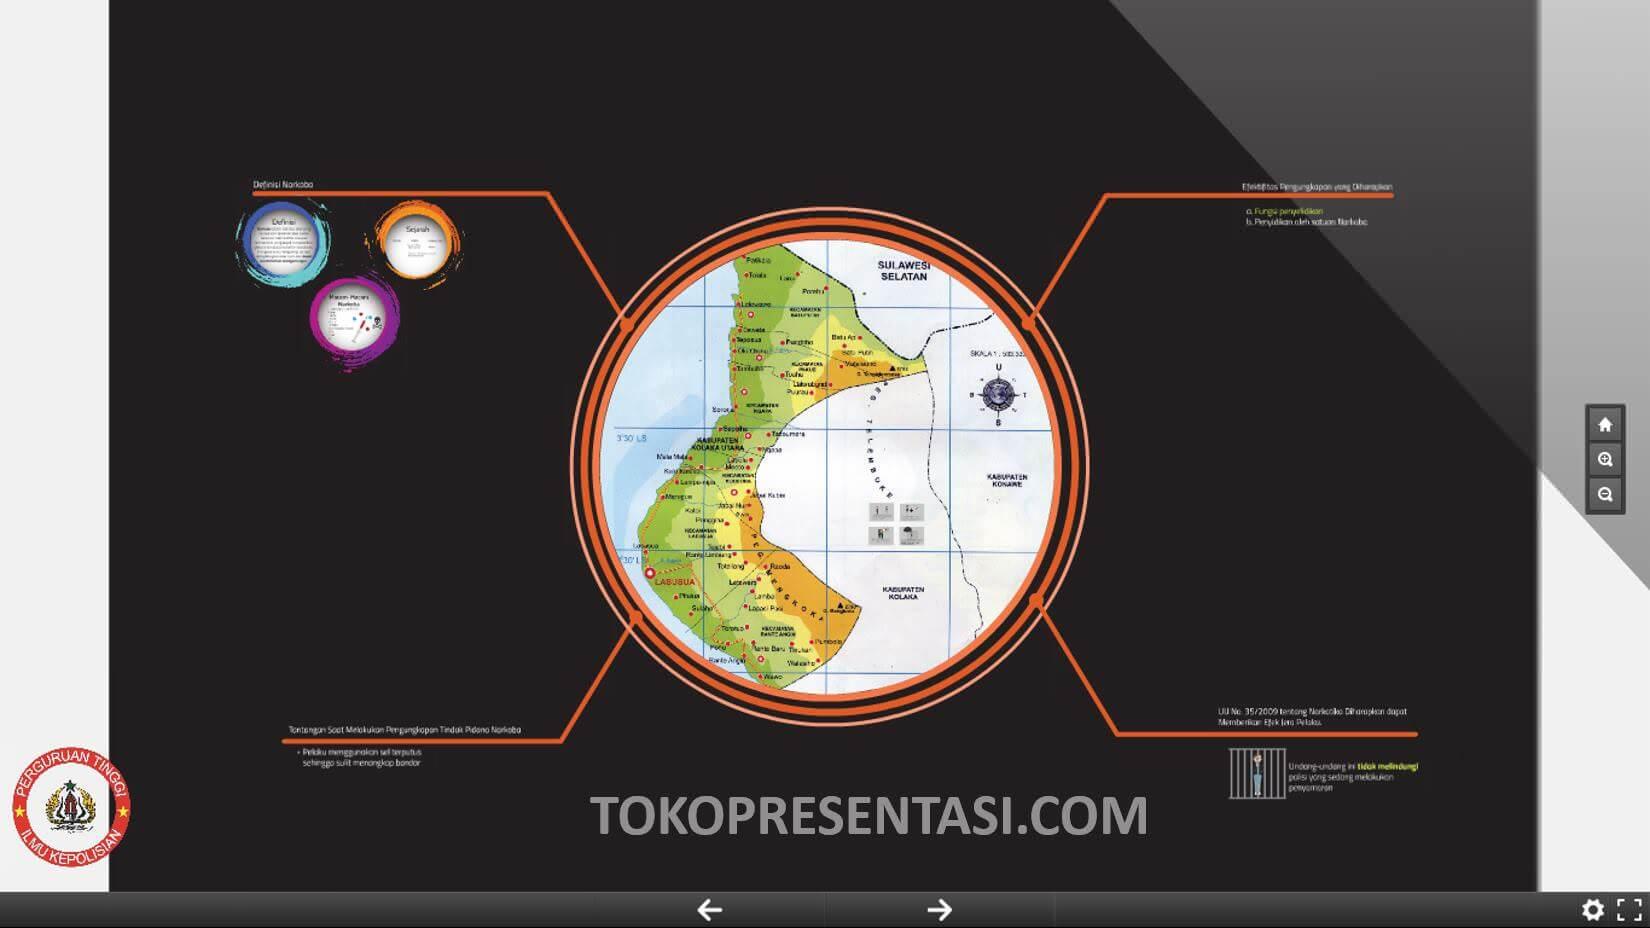 prezi ptik - tokopresentasi.com